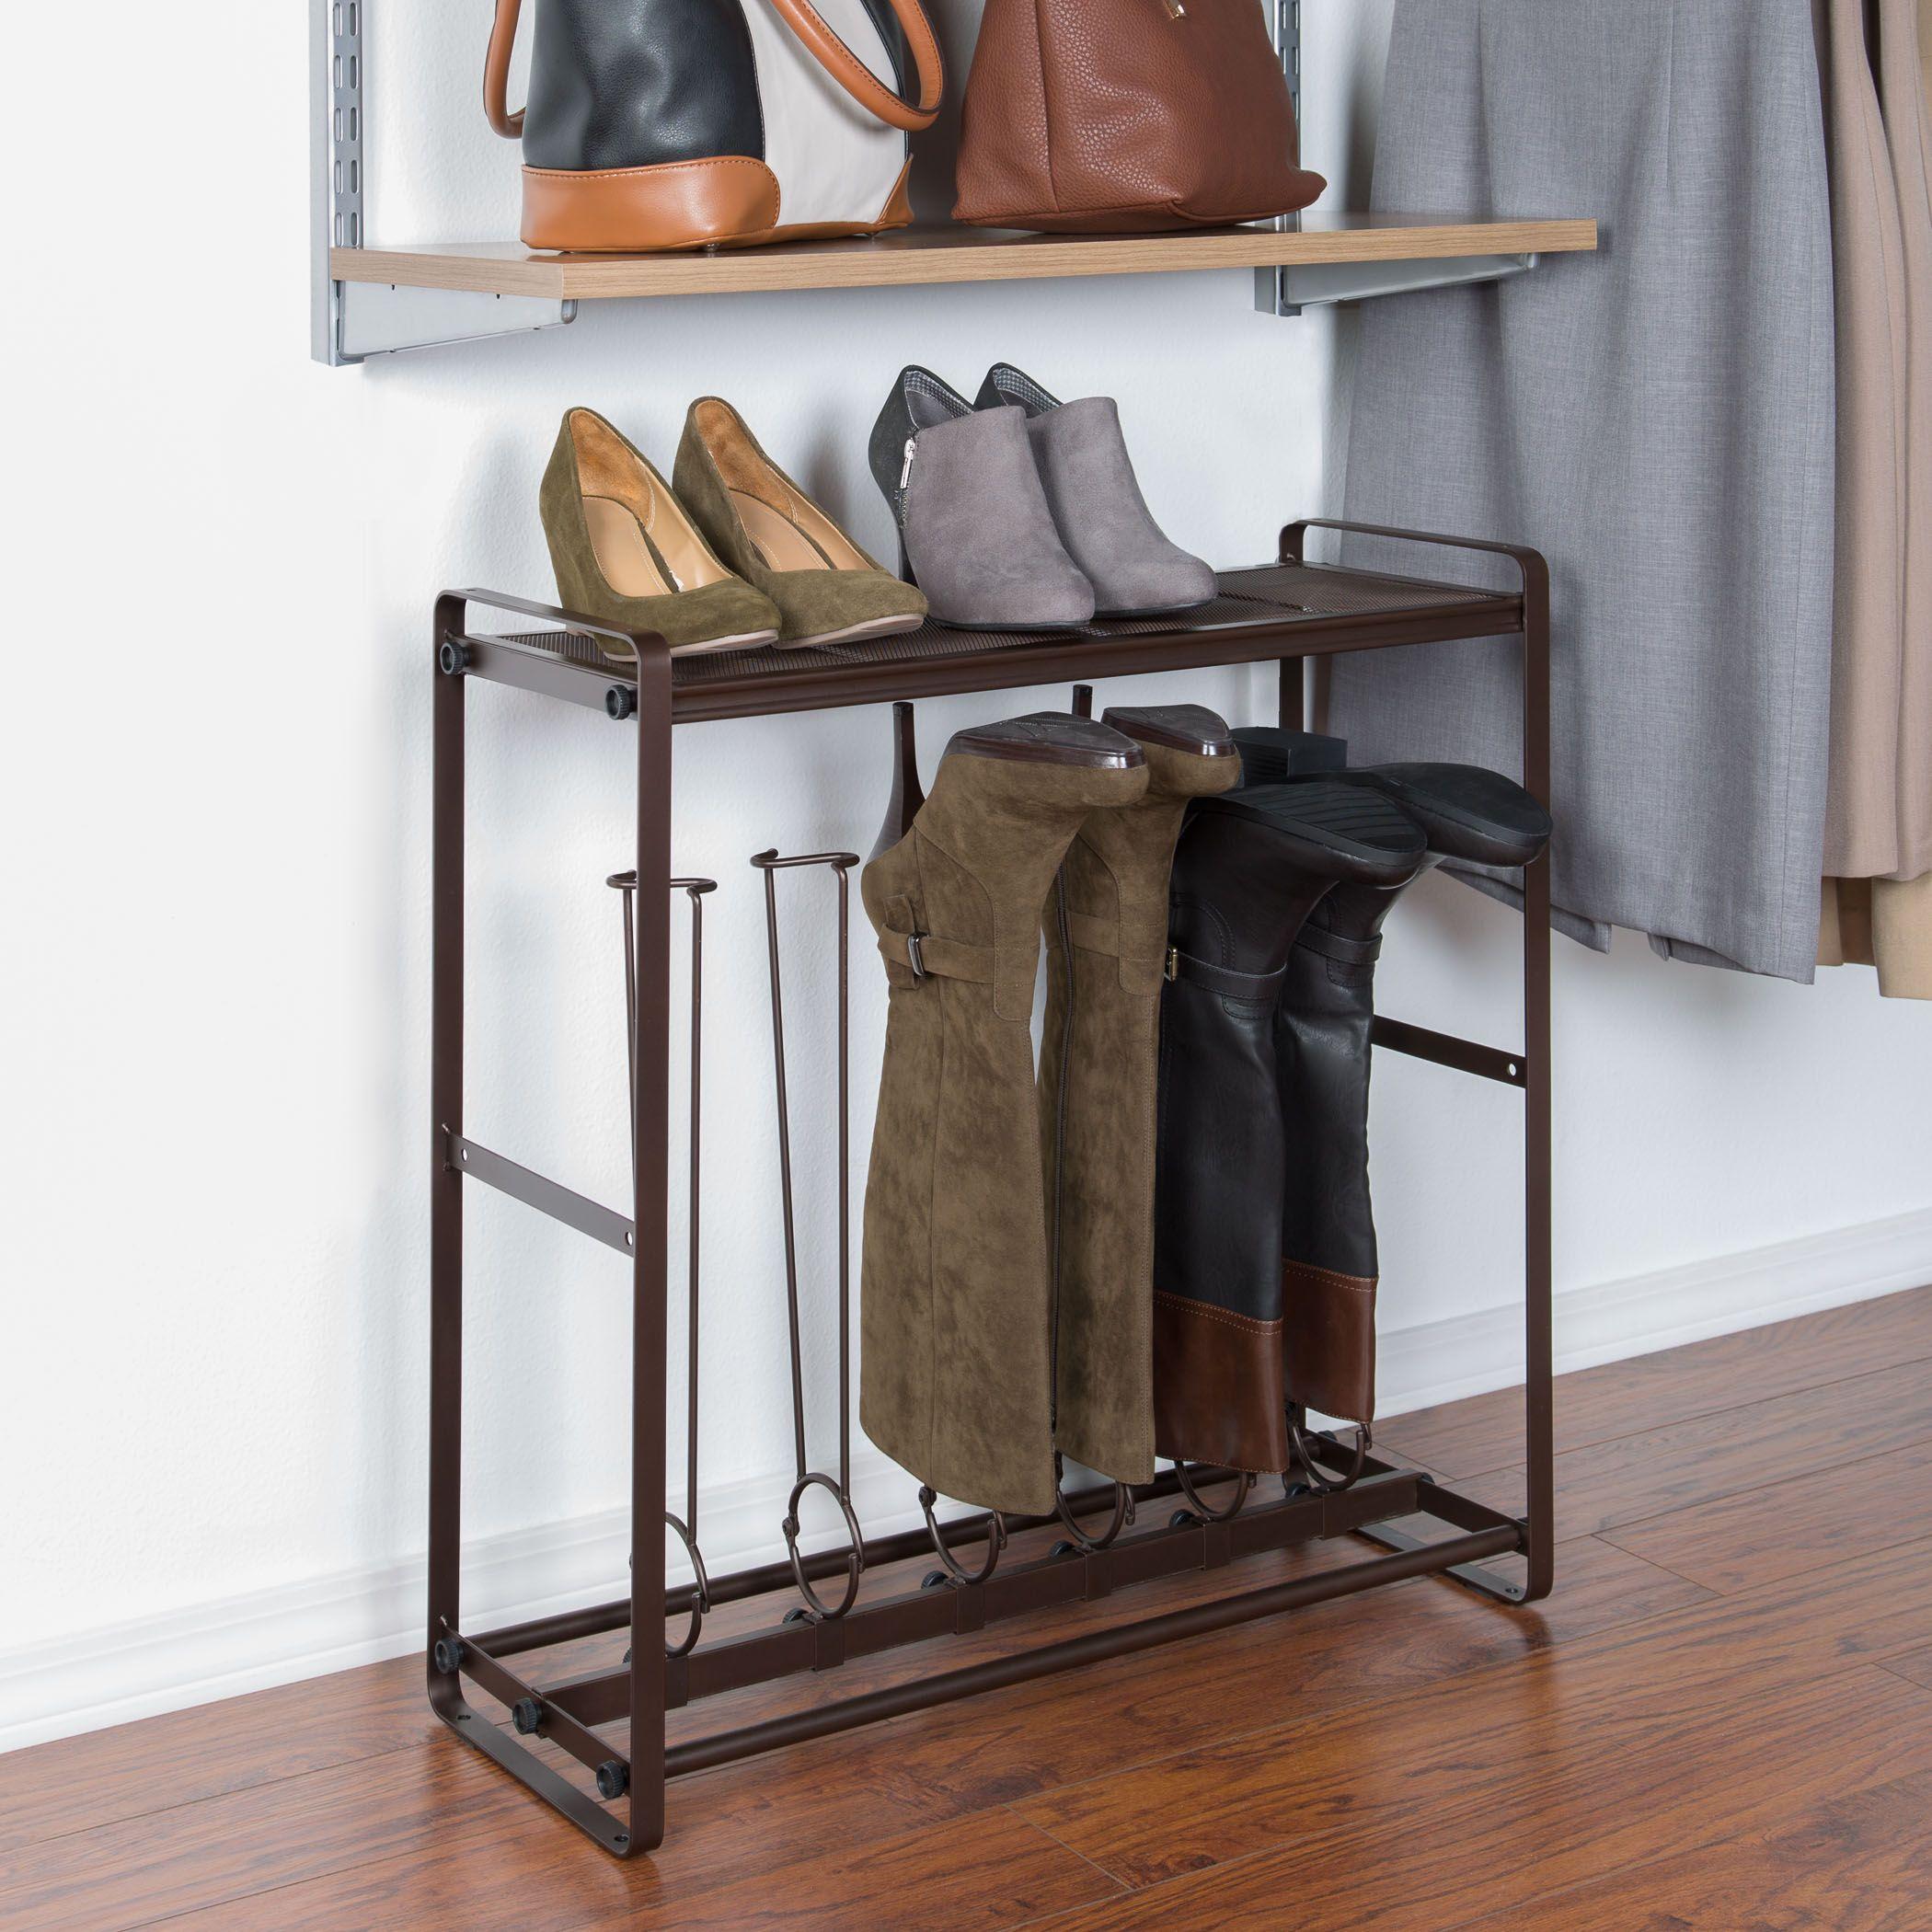 Boot & Shoe rack combo